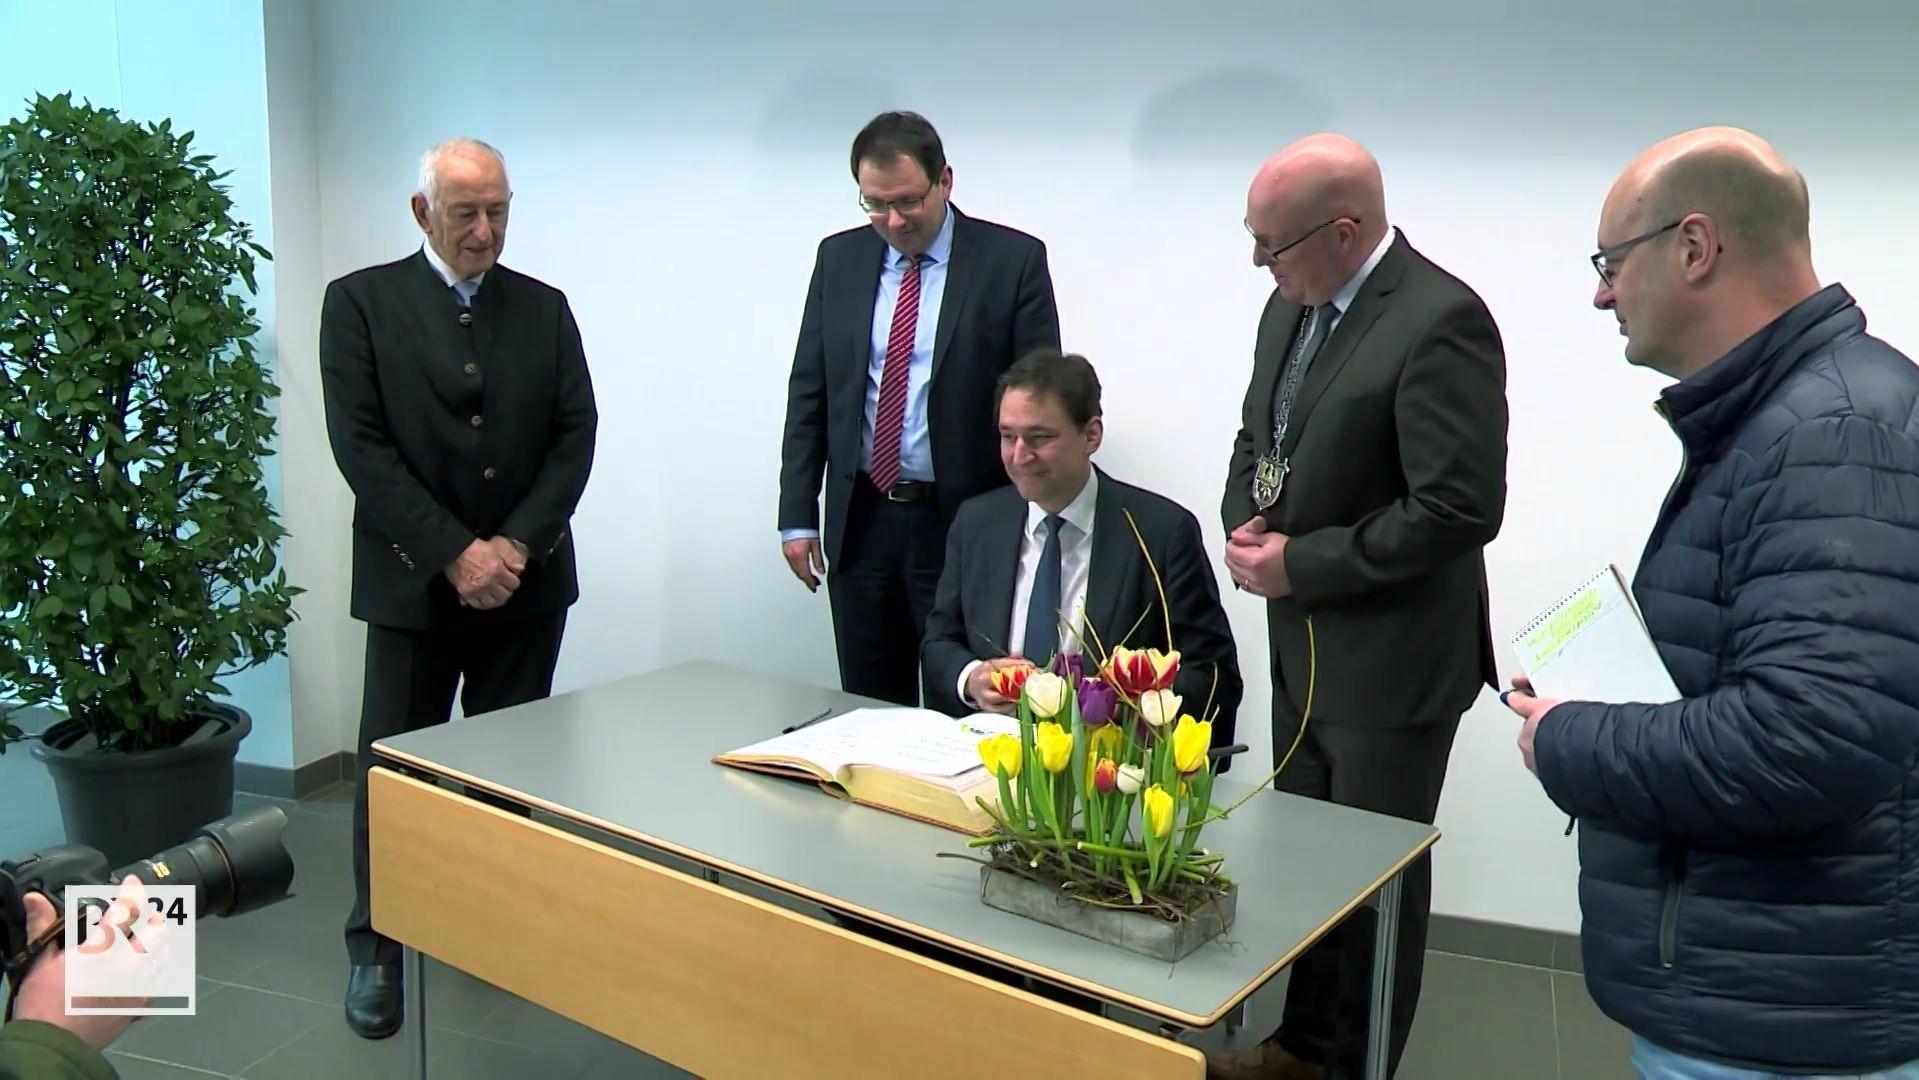 Im Marktredwitz wird Bayerns modernstes Gefängnis gebaut. Heute hat Justizminister Georg Eisenreich offiziell den Planungsauftrag erteilt.